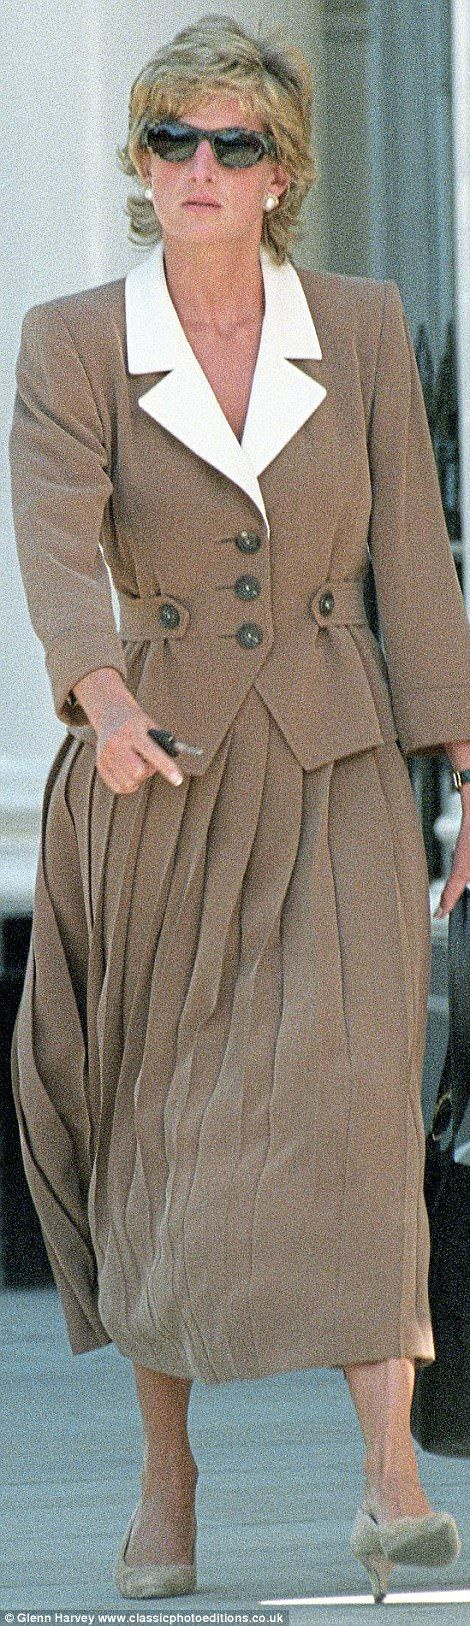 Princesse d'affaires de coeur appartenant au public...  Gagna le trophée le plus ultime de la Reine des COEURS...  Bravo chère Lady Diana.